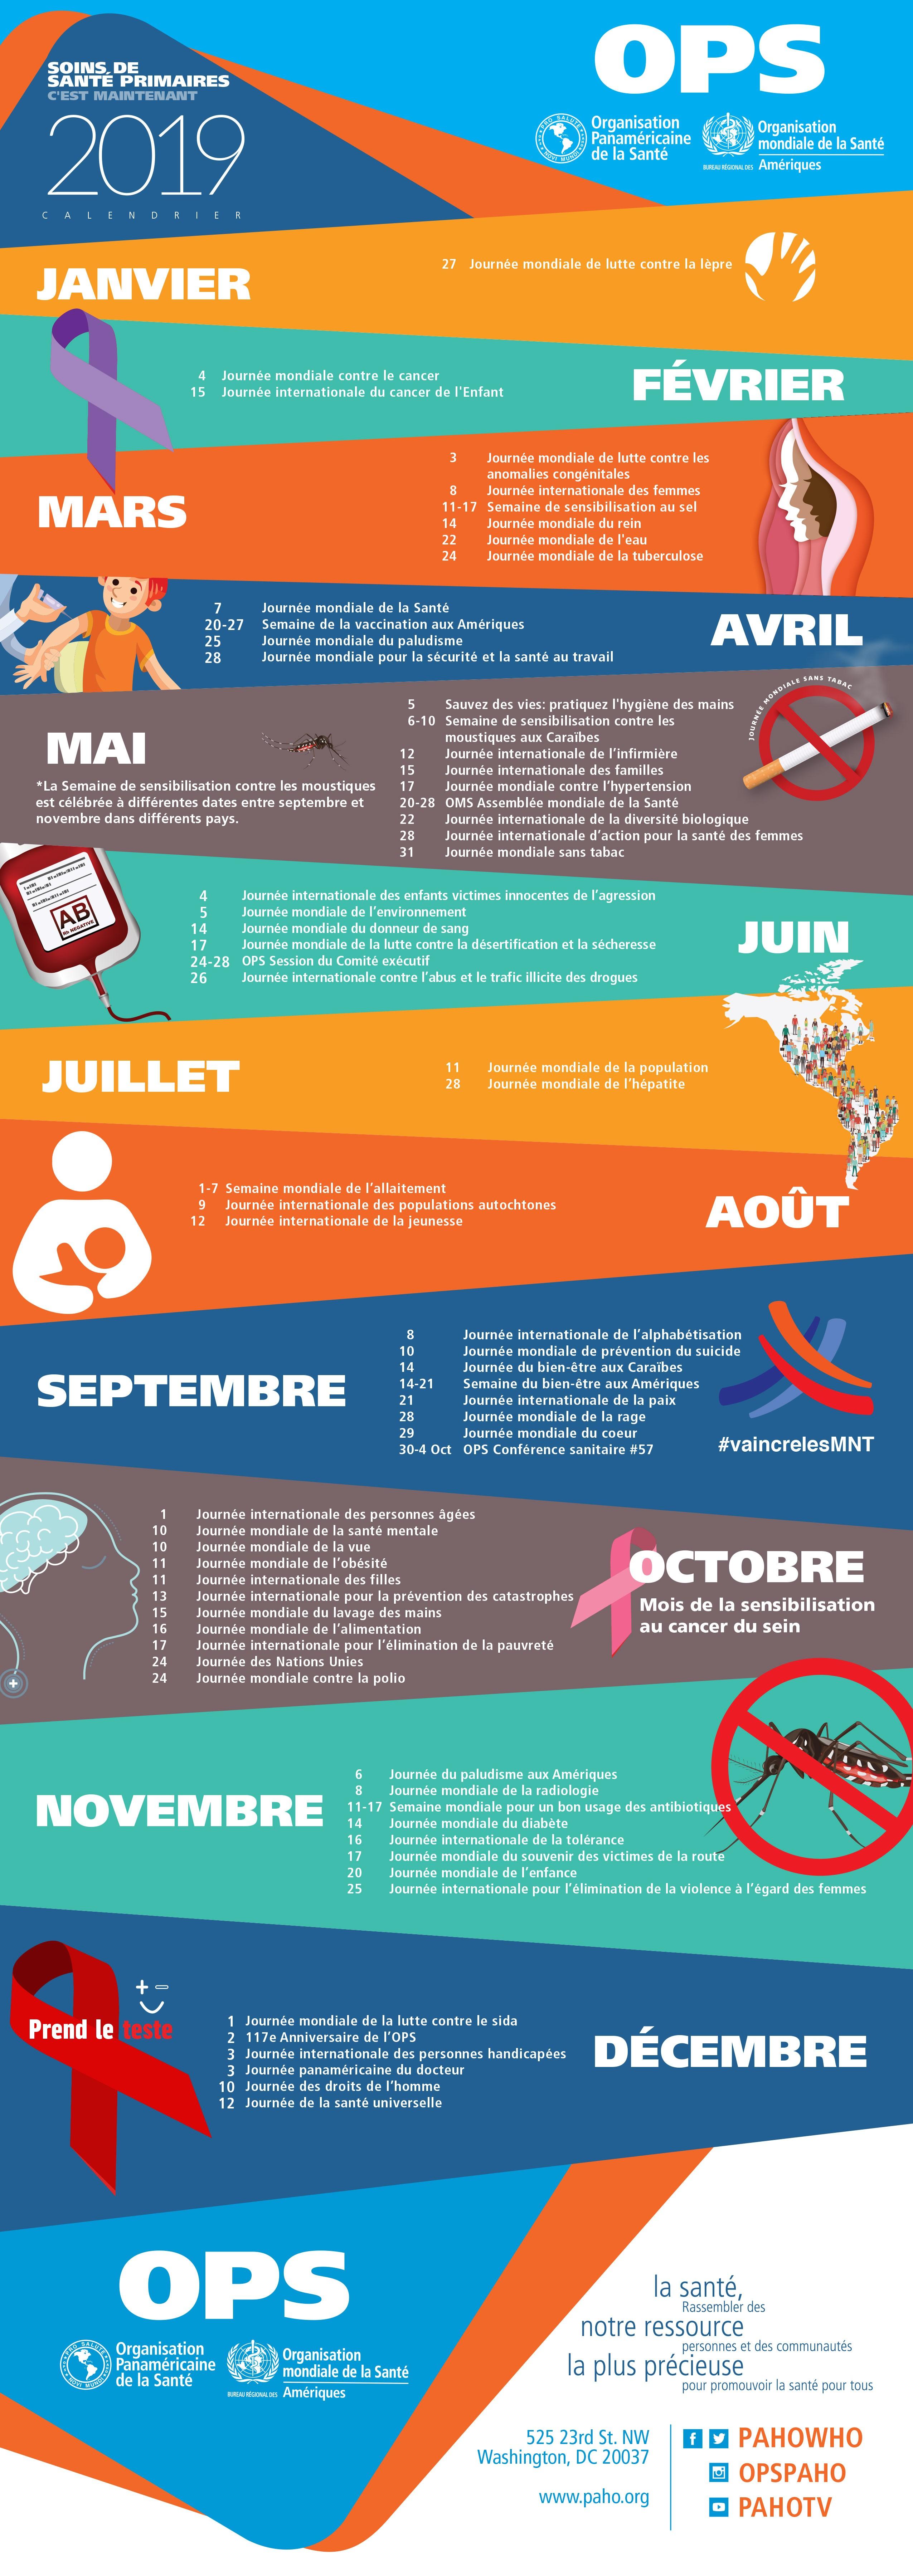 Calendario Escolar 2019 Nyc Más Caliente Ops Oms General Documents Of Calendario Escolar 2019 Nyc Recientes Edici³n Impresa 13 05 2016 Pages 51 63 Text Version